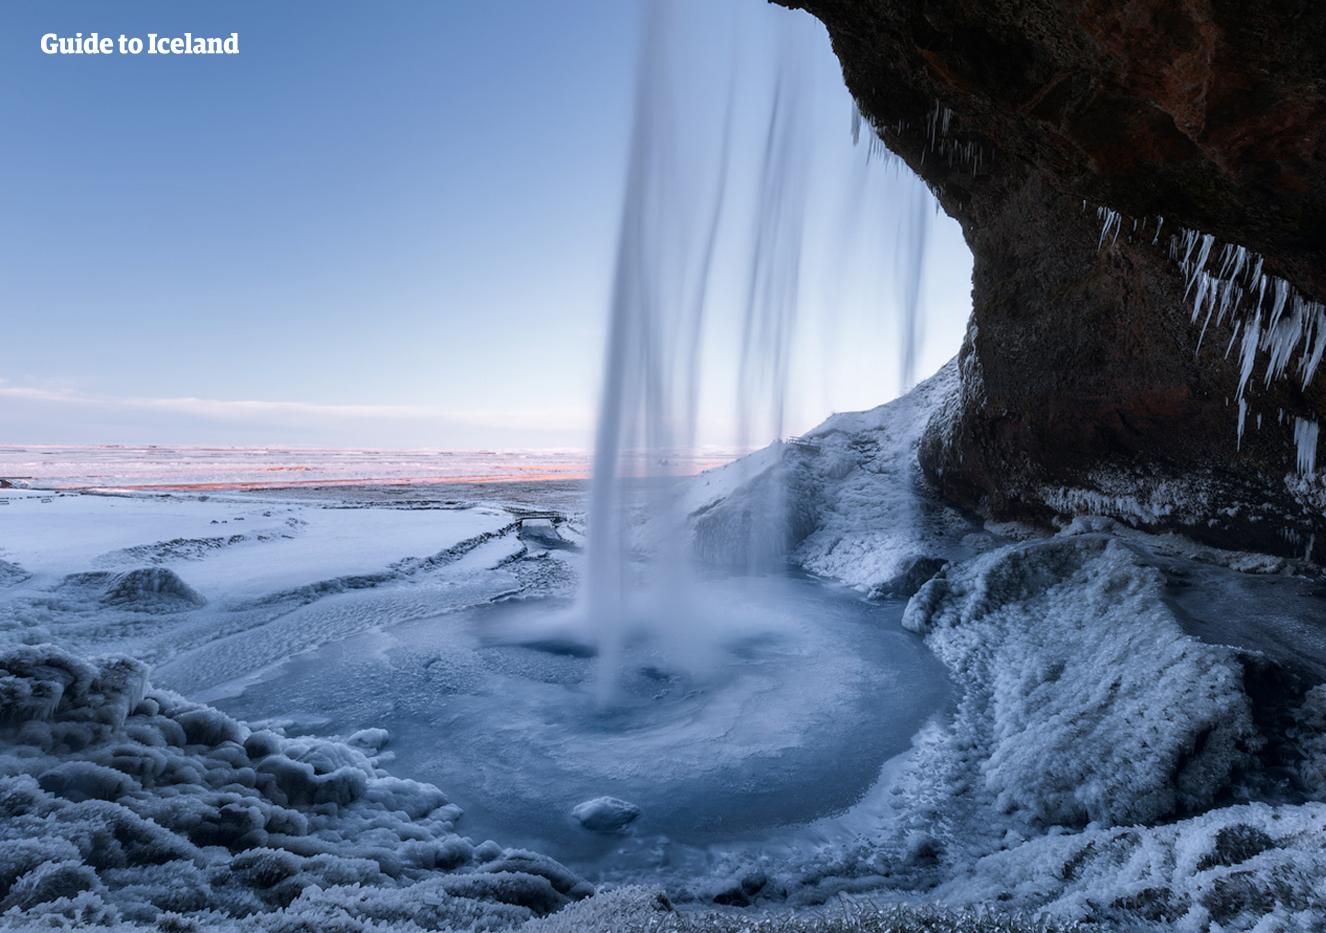 冰岛南岸塞里雅兰瀑布(Seljalandsfoss)的冷冽之色